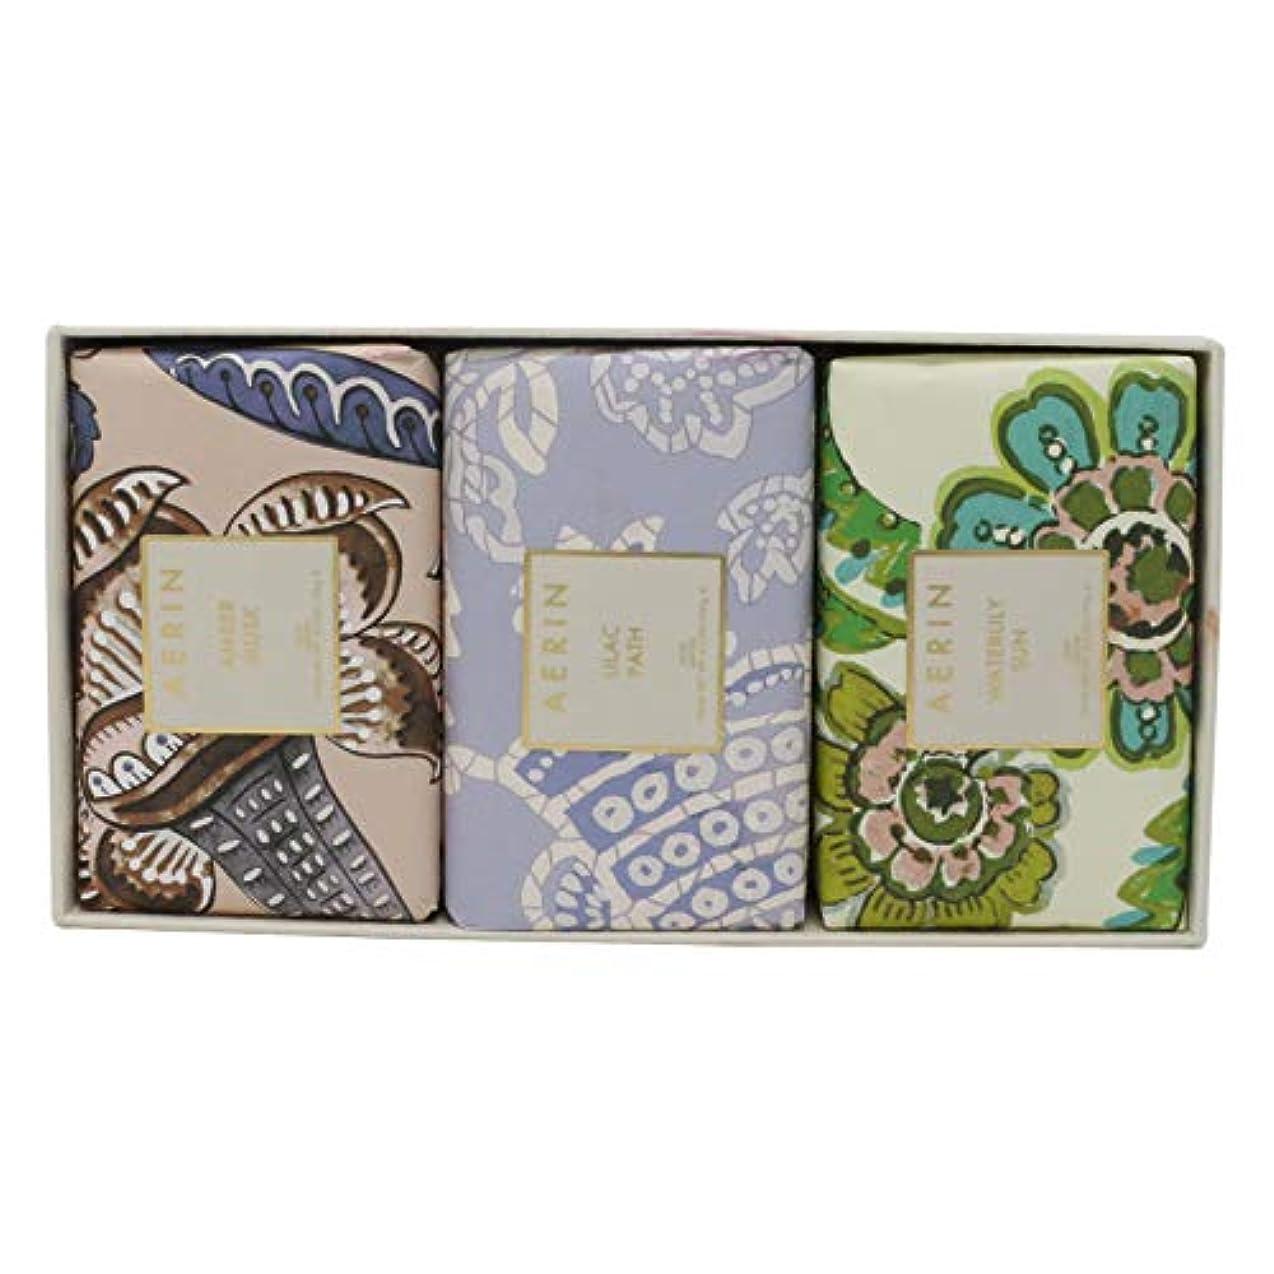 真鍮階下学校教育AERIN Beauty Soap Coffret(アエリン ビューティー ソープ コフレット ) 6.2 oz (186ml) Soap 固形石鹸 x 3個セットby Estee Lauder